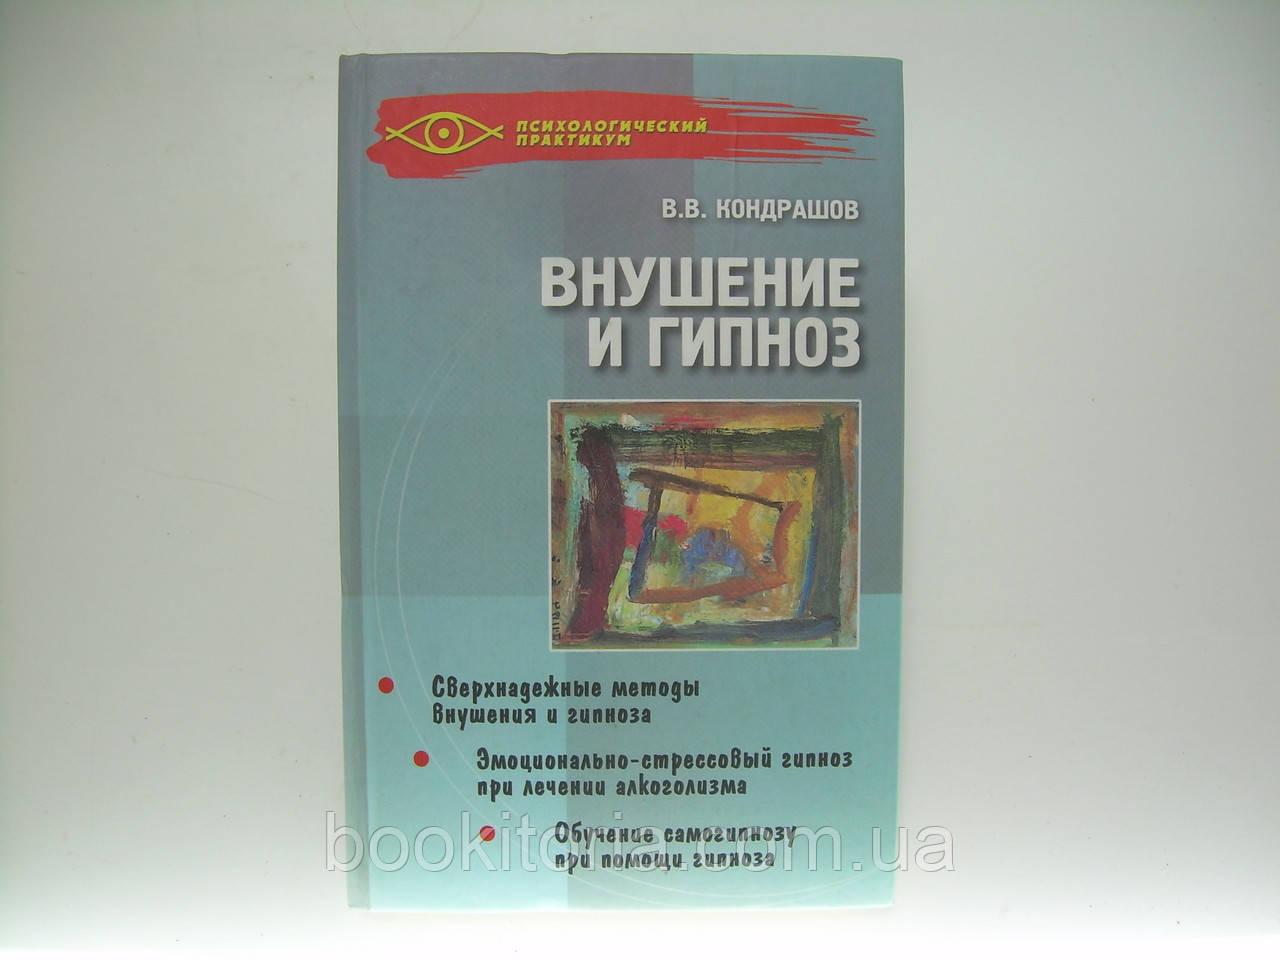 Кондрашов В.В. Внушение и гипноз. Практическое руководство (б/у).